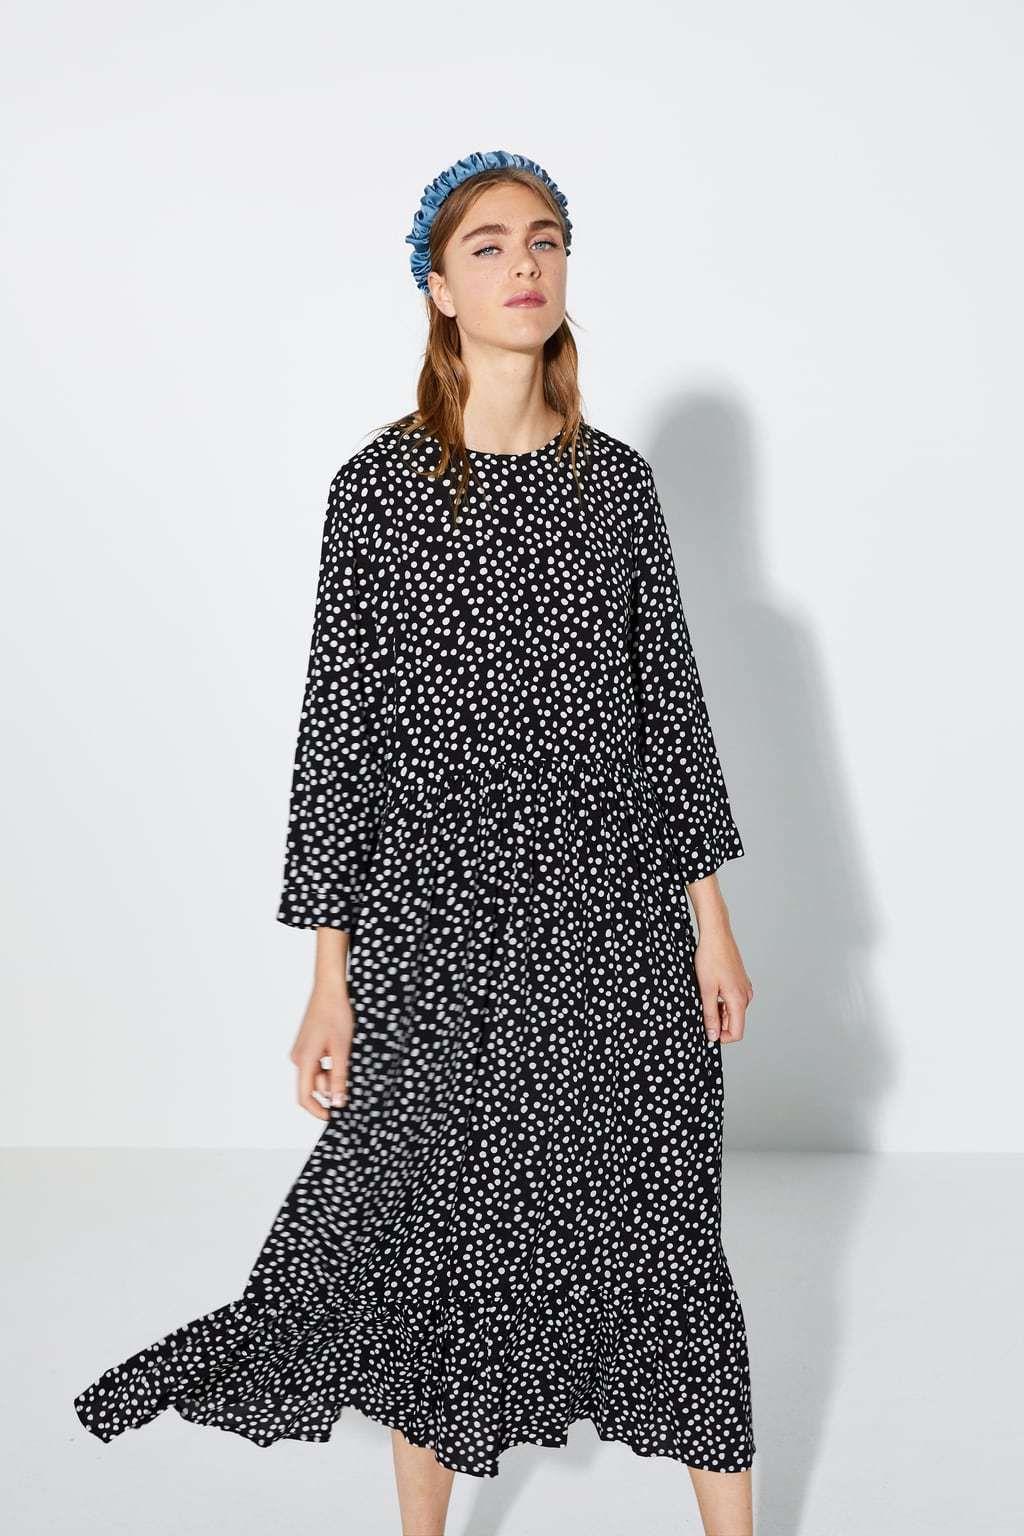 Crna verzija popularne haljine na točkice - 4